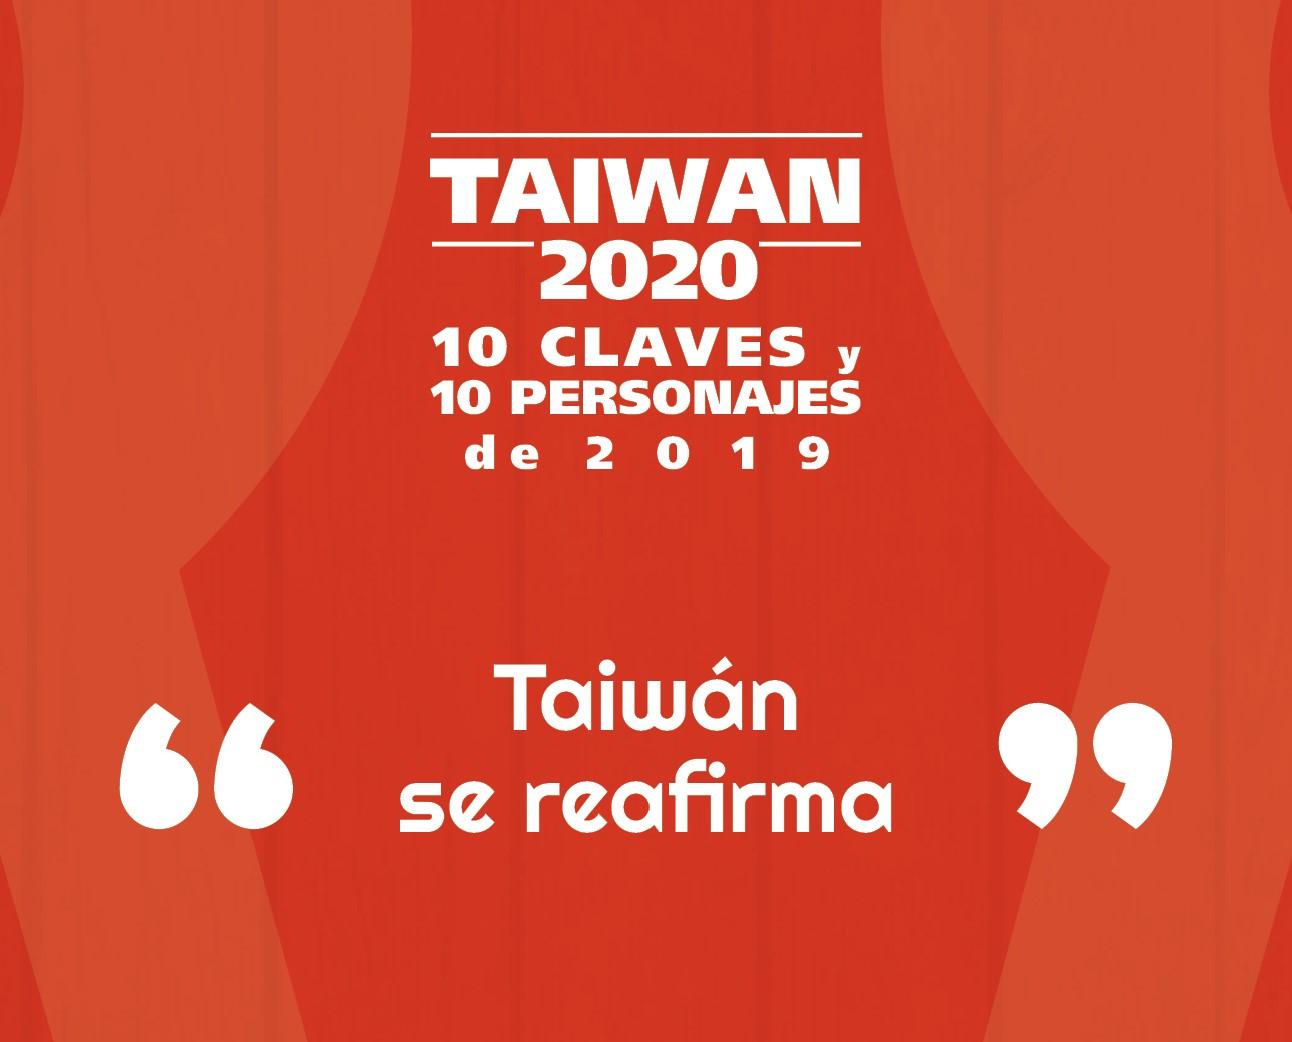 Taiwan: 10 claves y 10 personajes